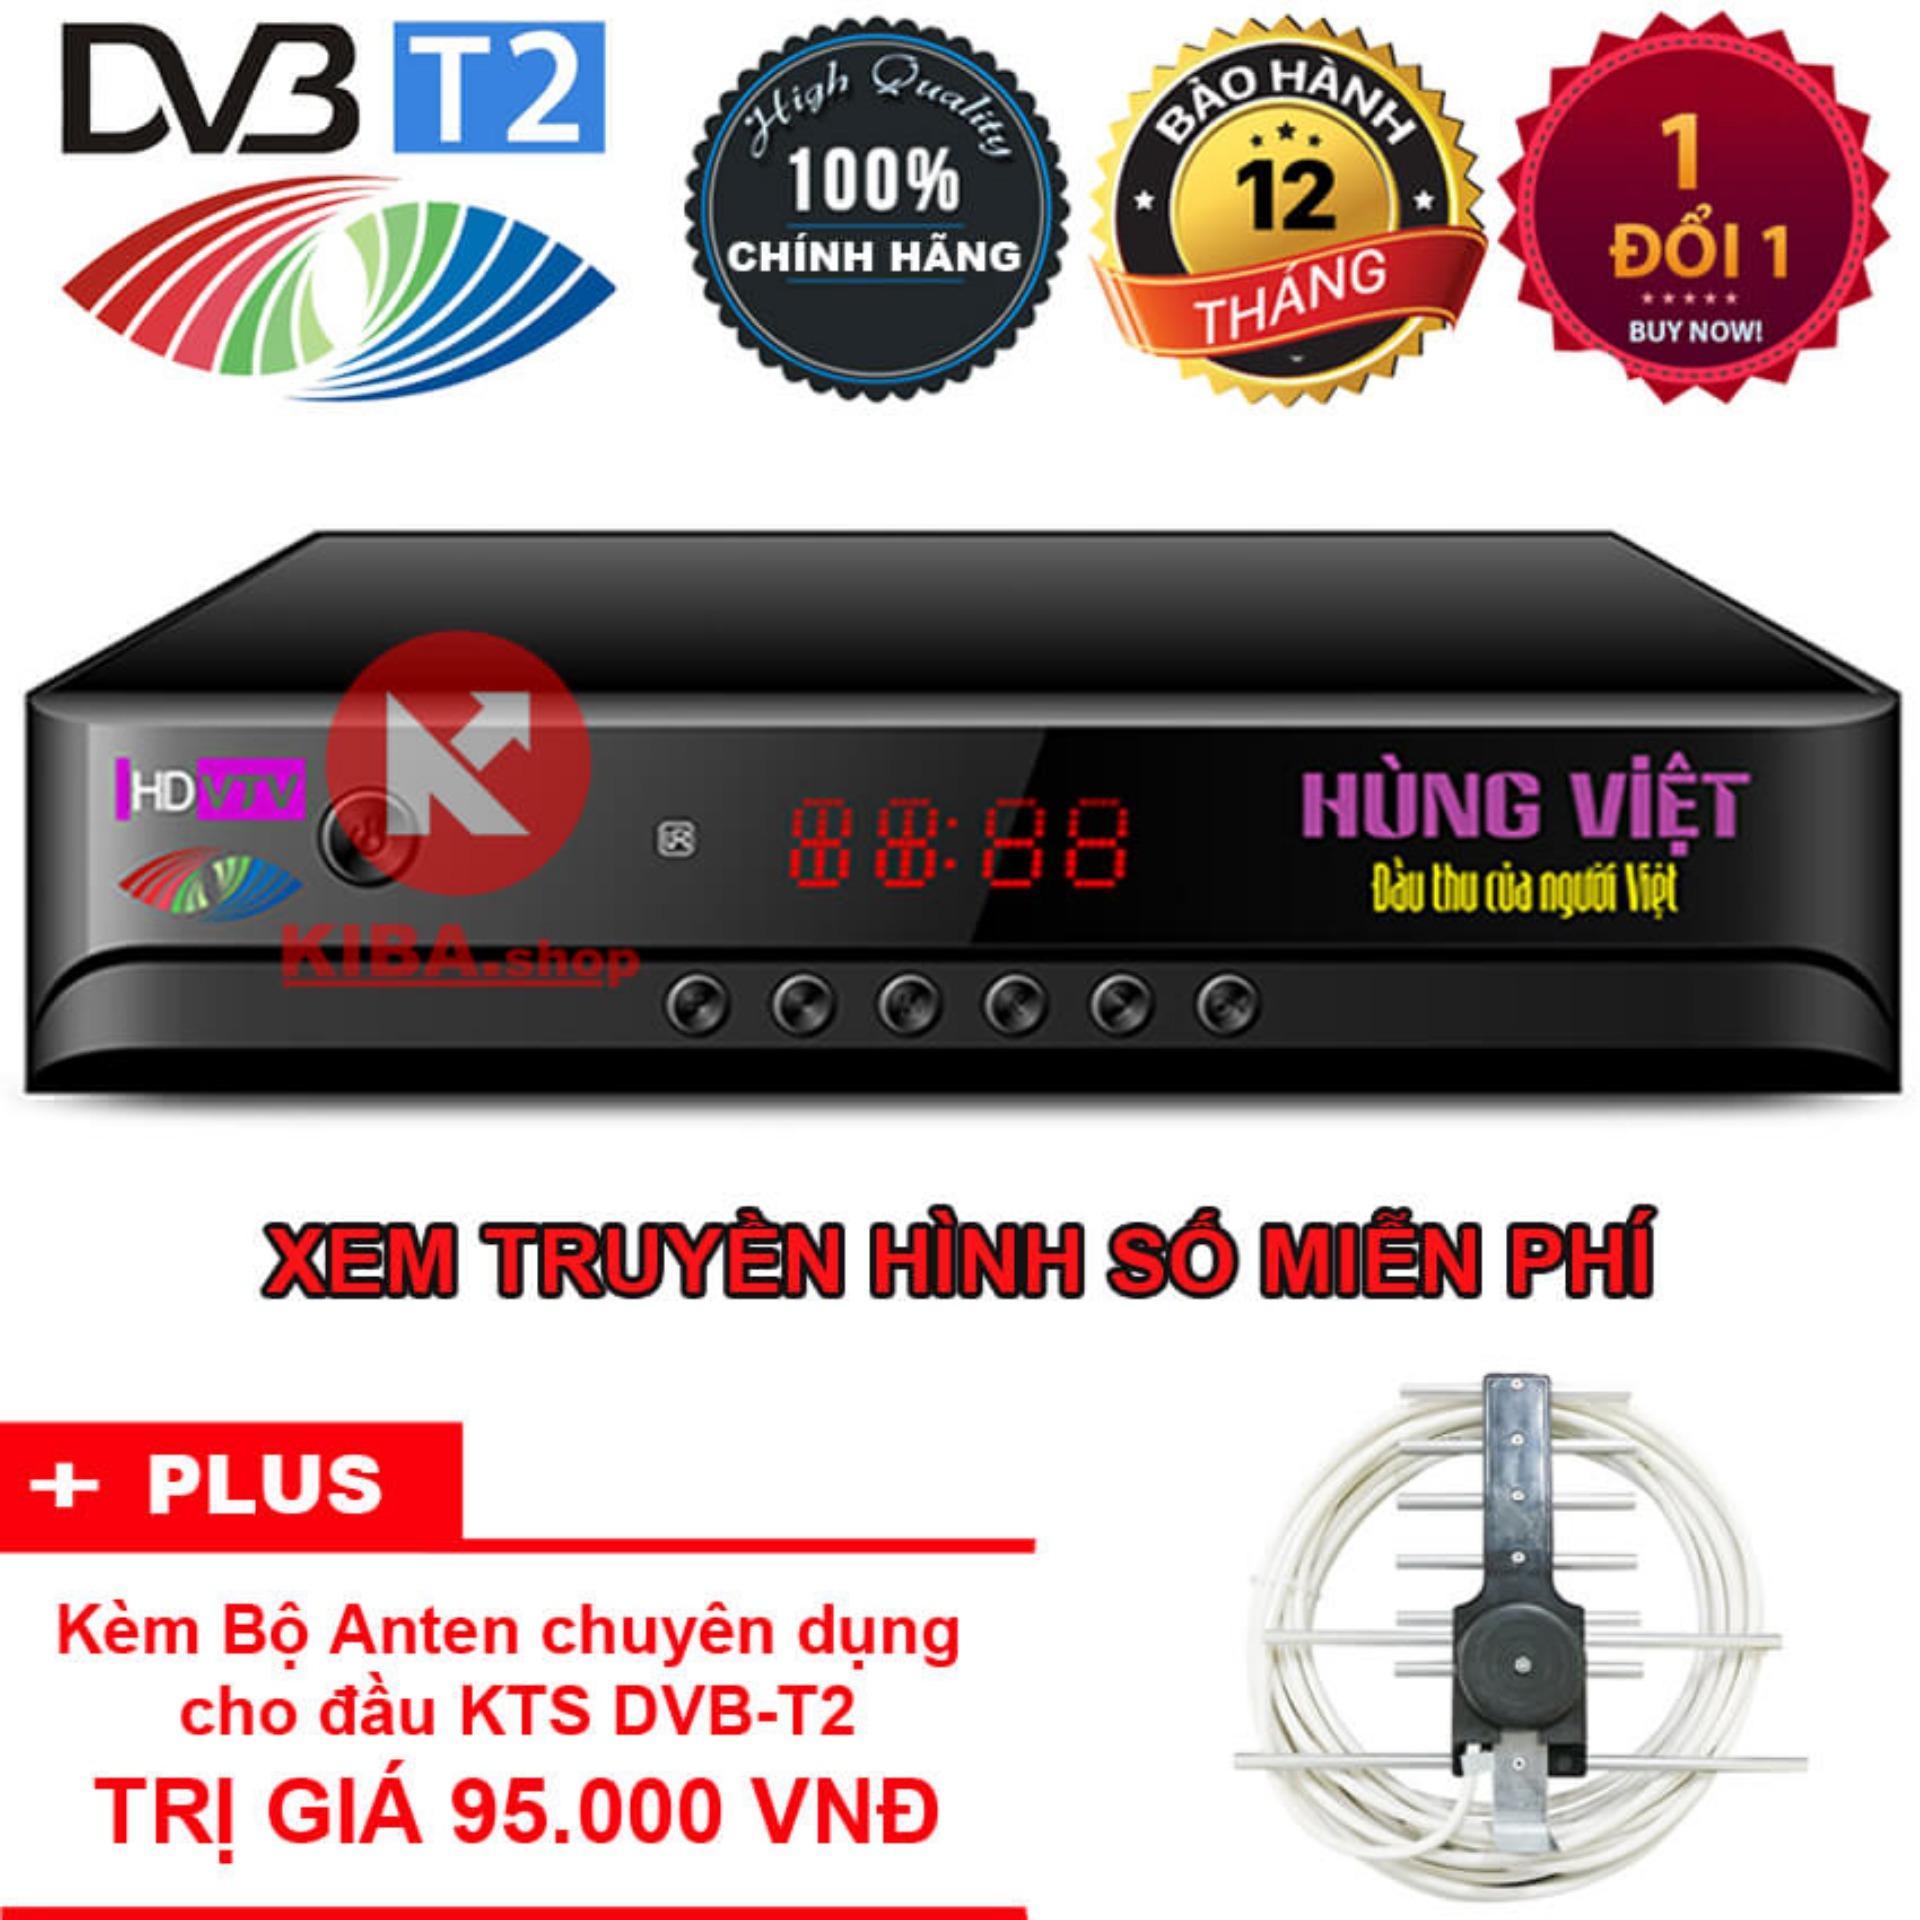 Đầu Thu Kỹ Thuật Số Hung Việt Dvb T2 Hd789S Tặng Anten Kts Dvb T2 Trị Gia 85 000Đ Bắc Ninh